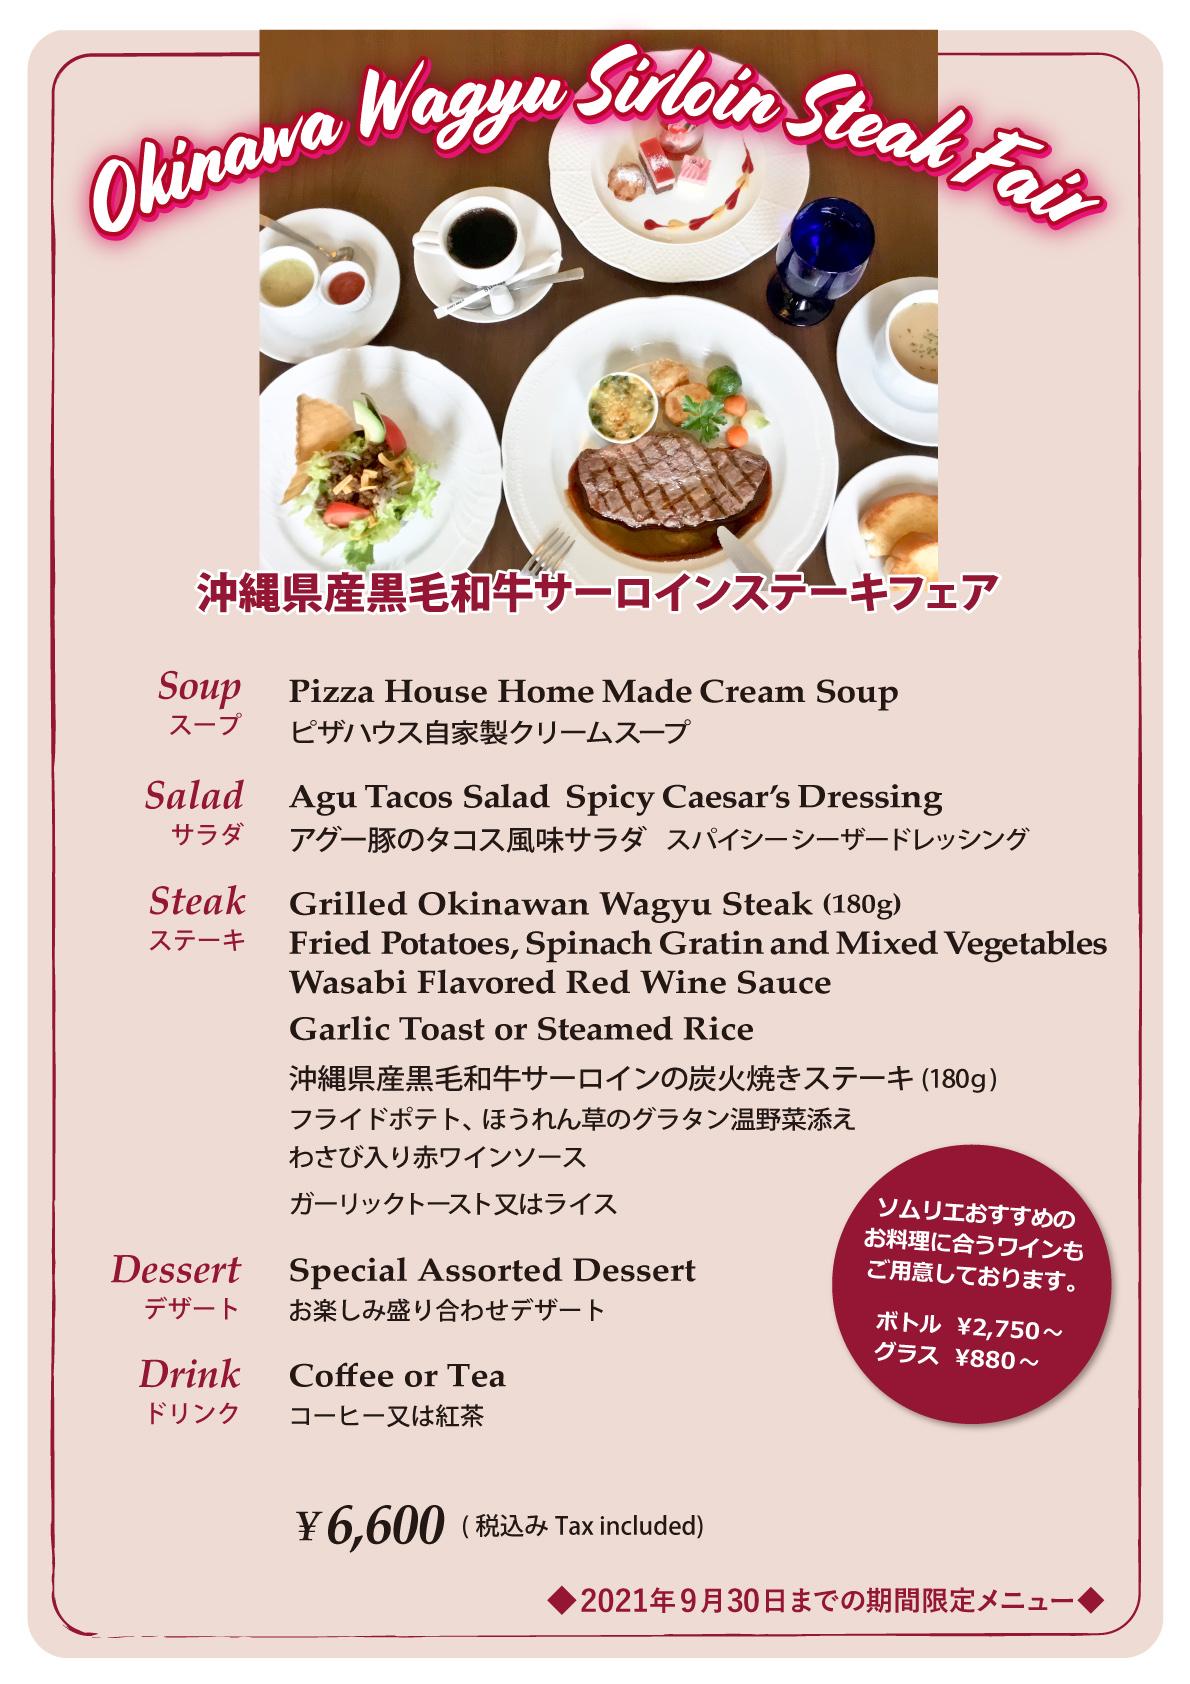 ピザハウス本店 沖縄県産黒毛和牛サーロインステーキフェア